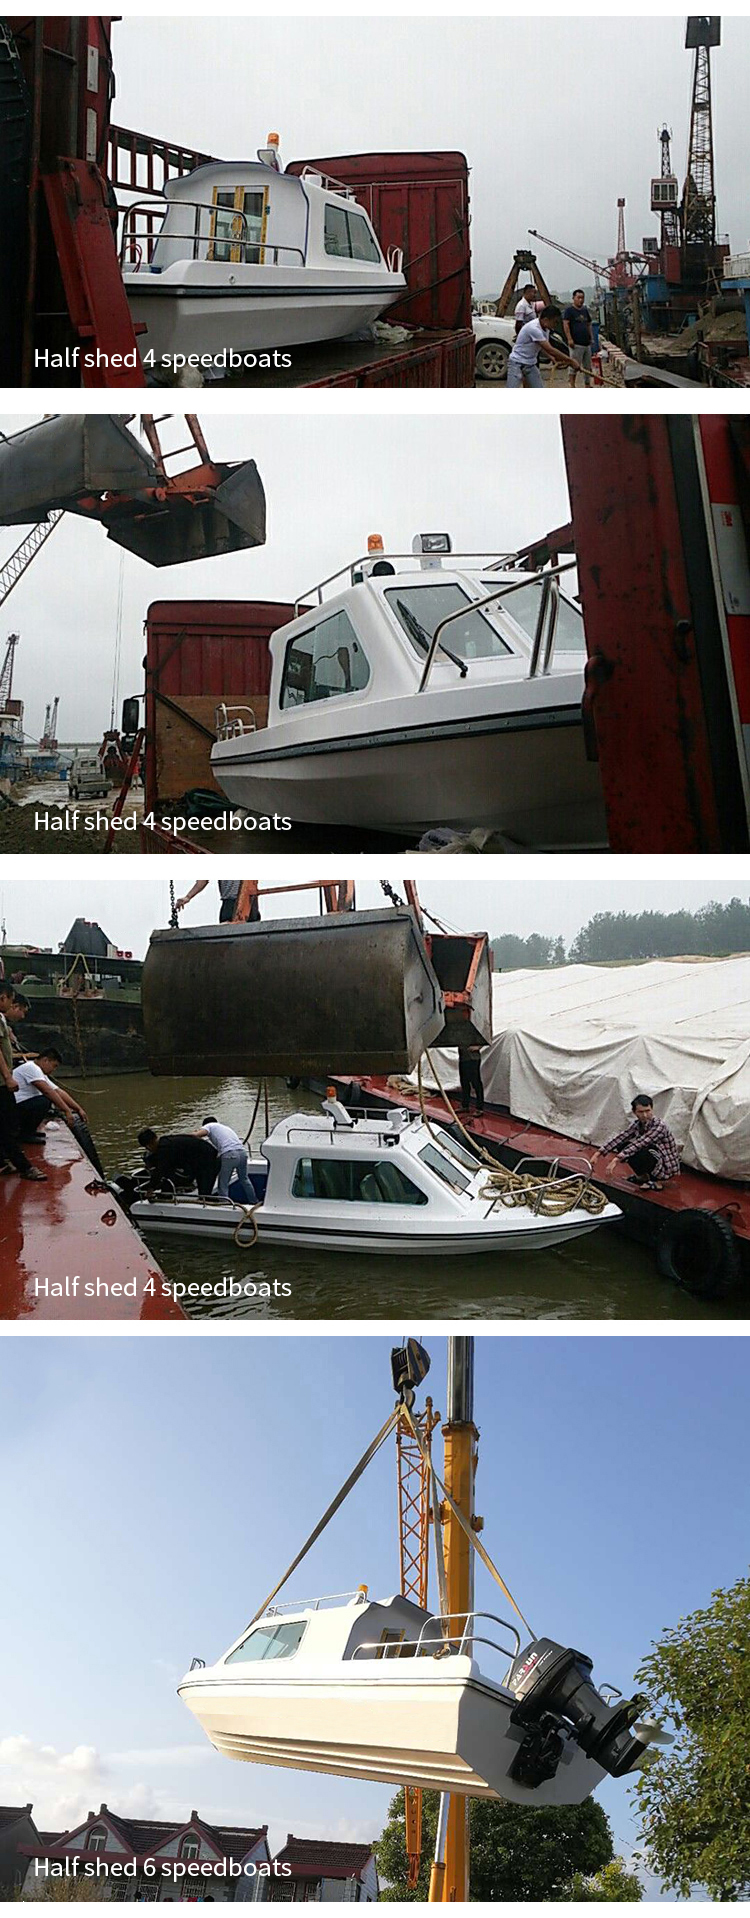 Cabine 4 Assentos de fibra de vidro de alta velocidade pedal caiaque de pesca made in China barriga china 580 rib barco inflável do pvc